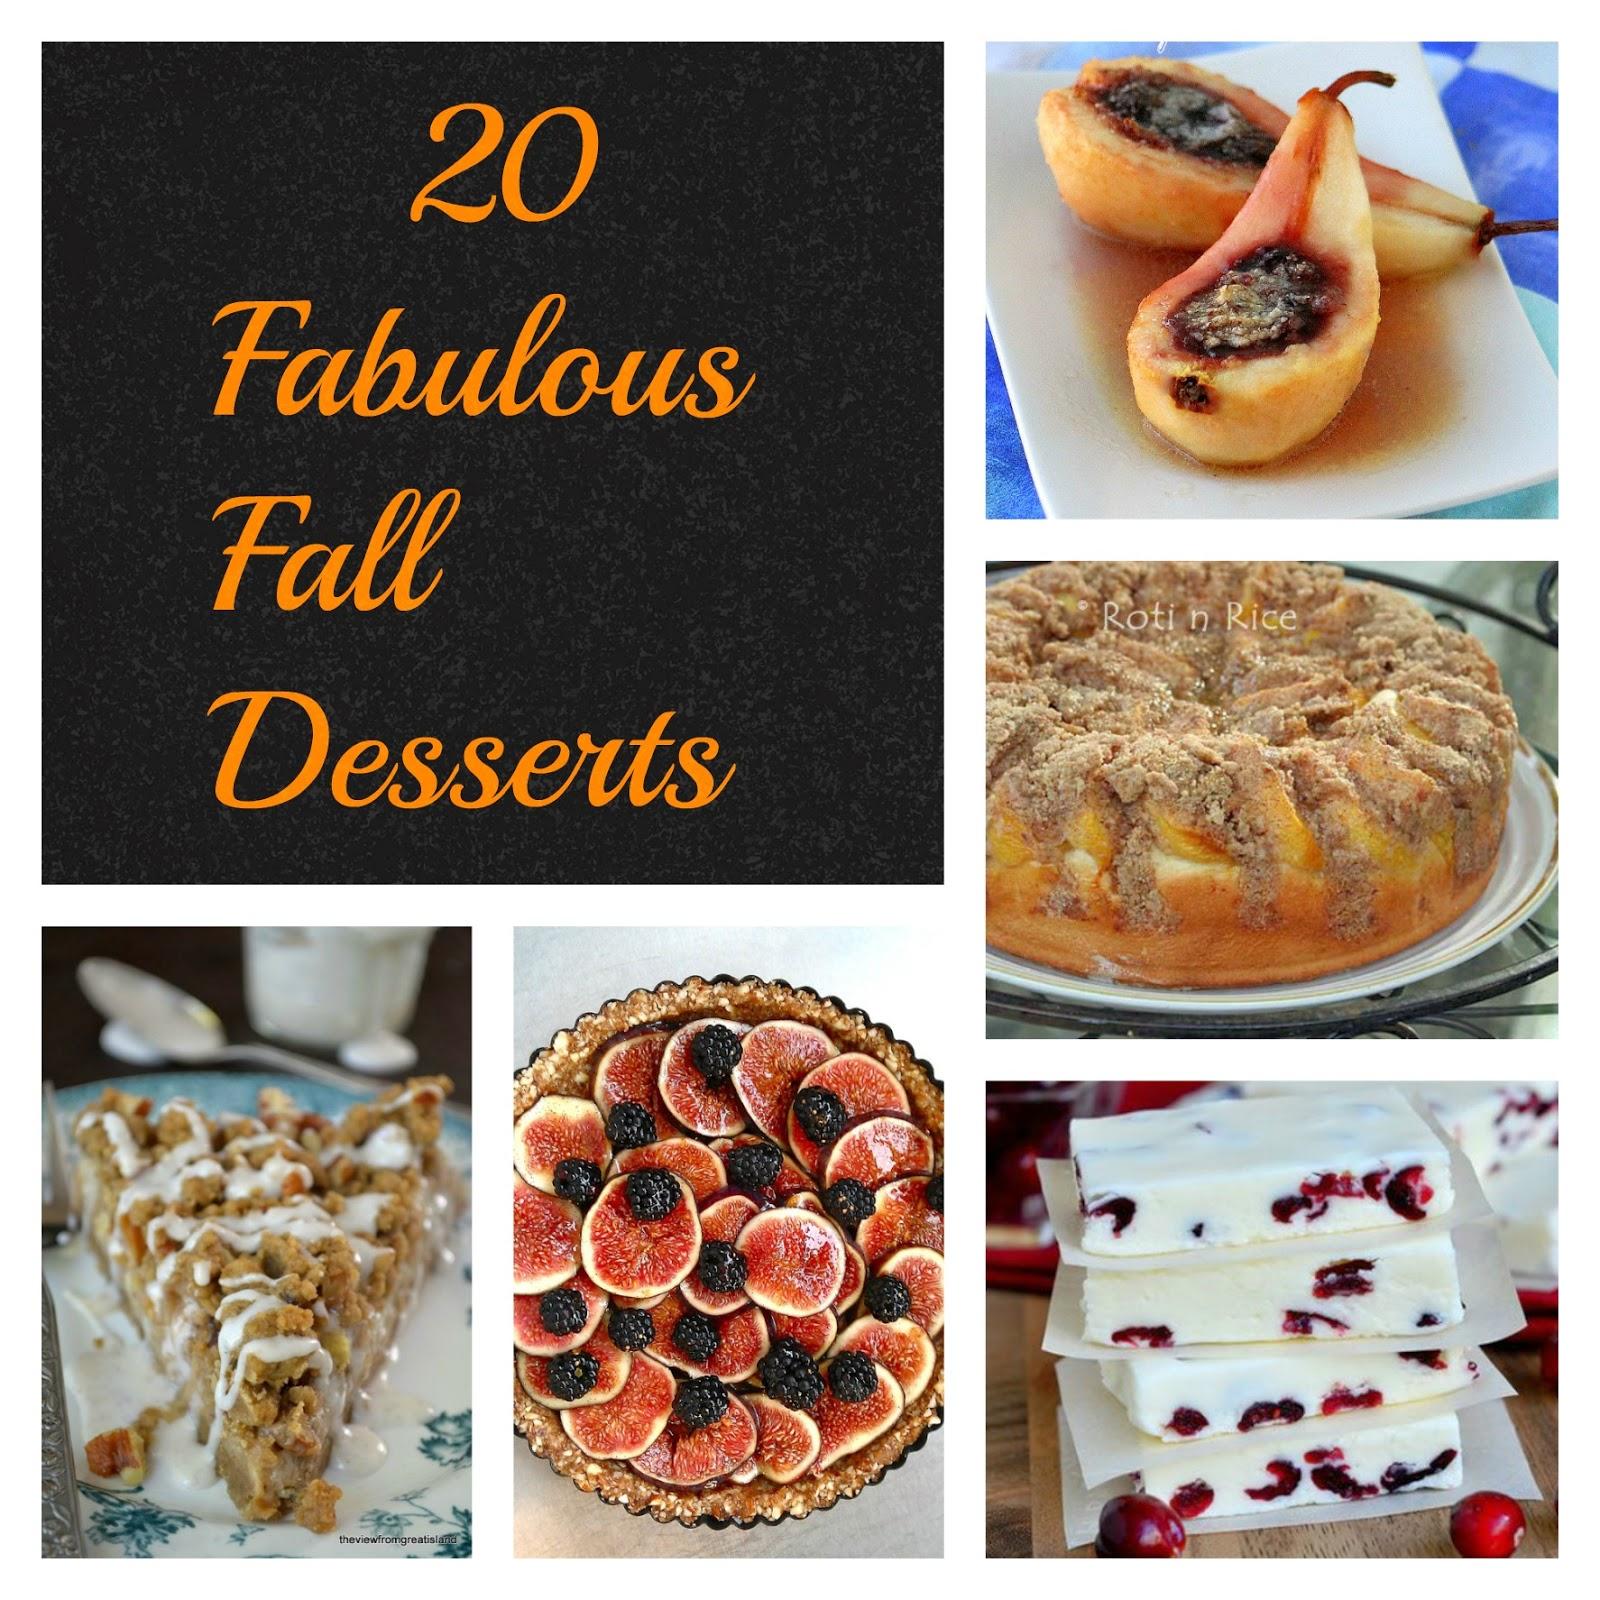 20 Fabulous Fall Desserts